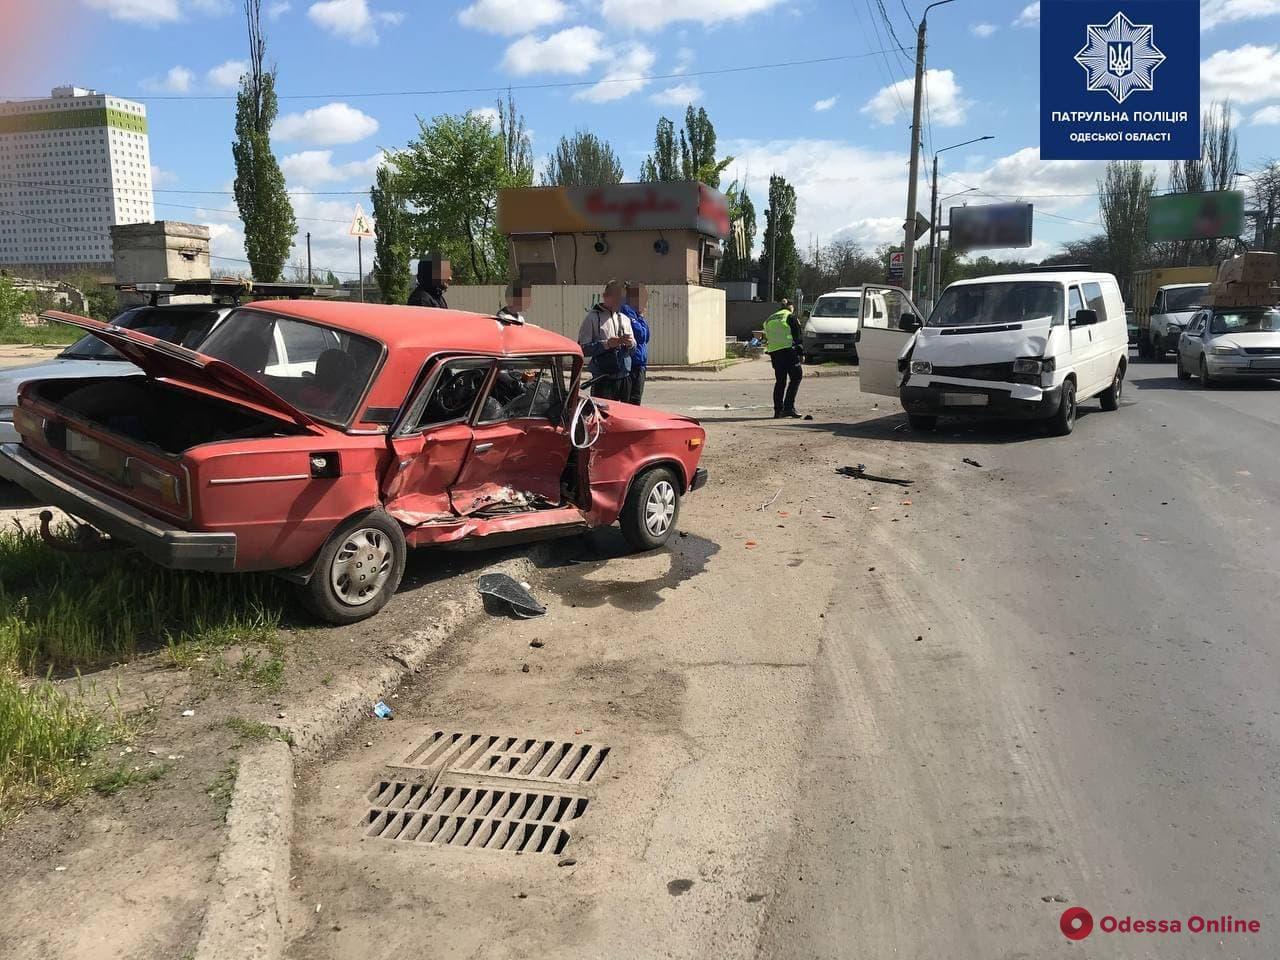 Из-за ДТП на Николаевской дороге образовалась пробка (видео, обновлено)